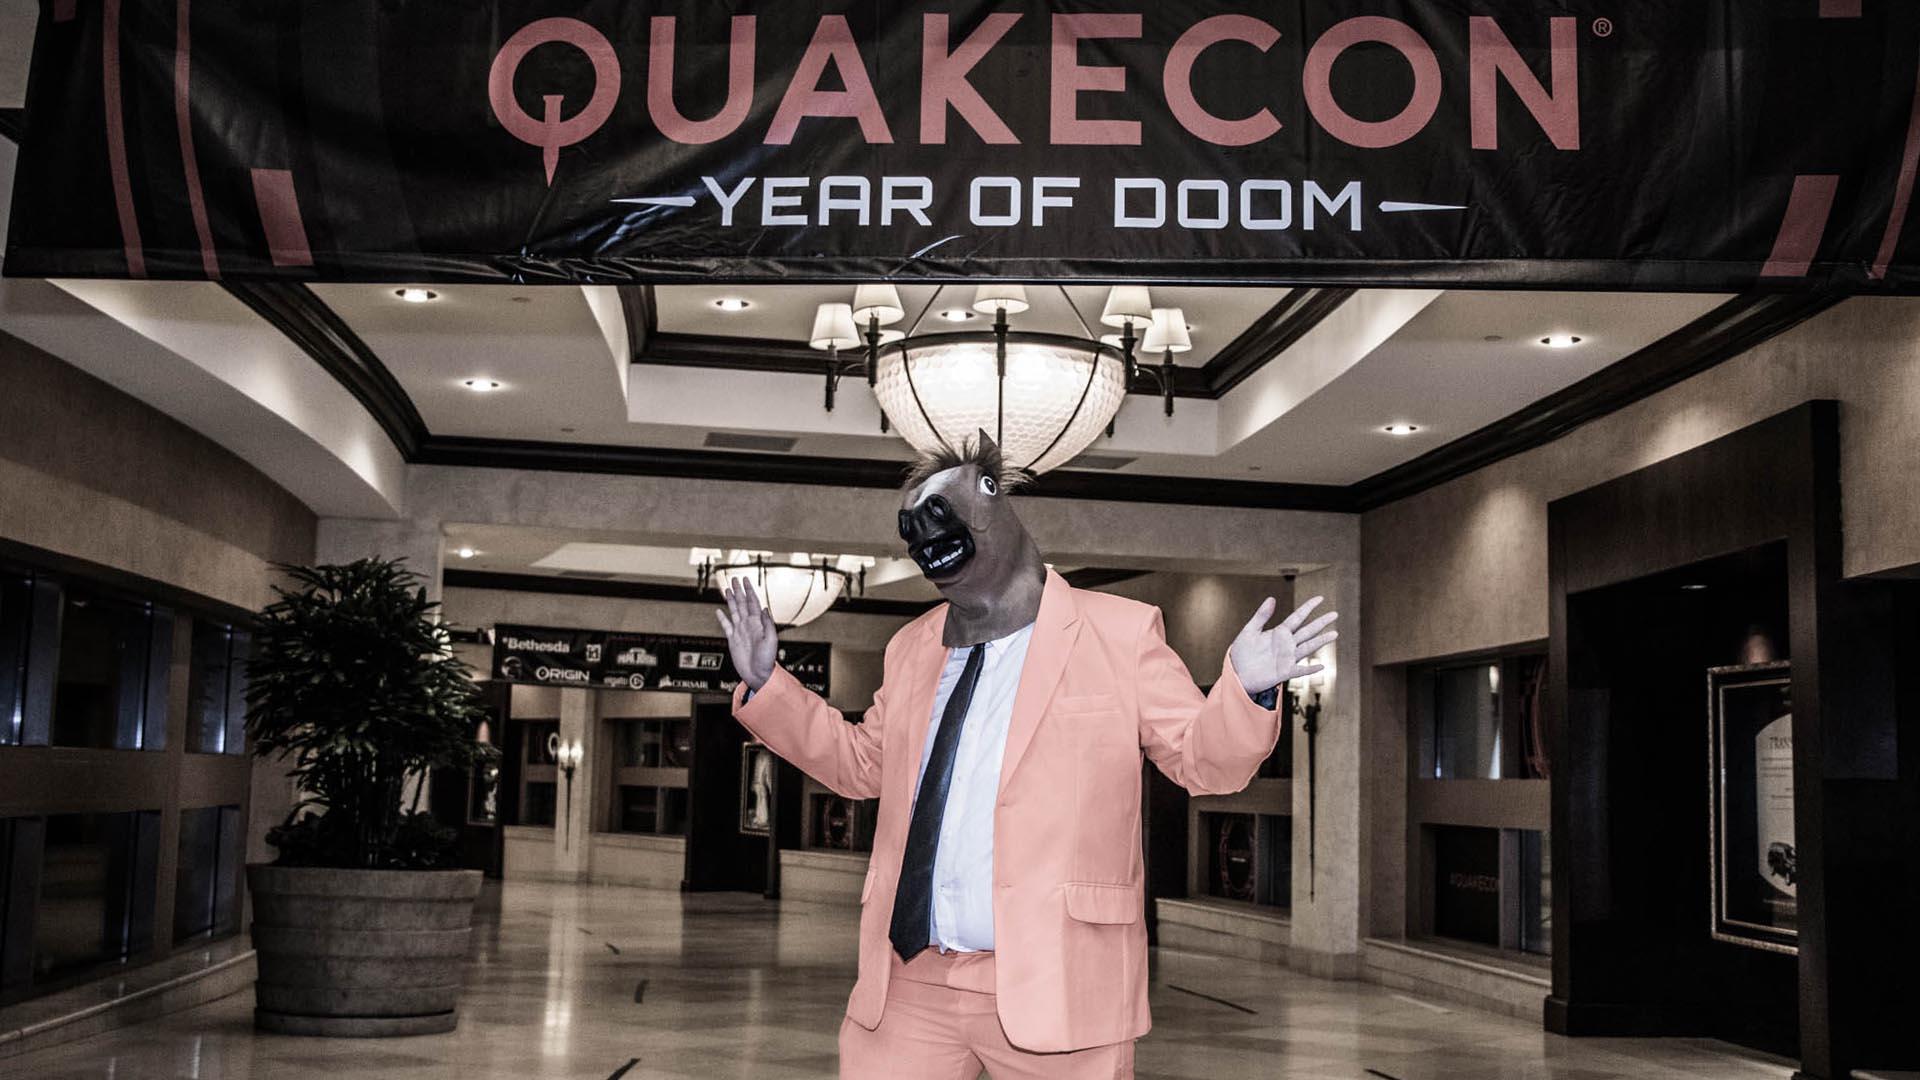 quakecon2019 photos - web